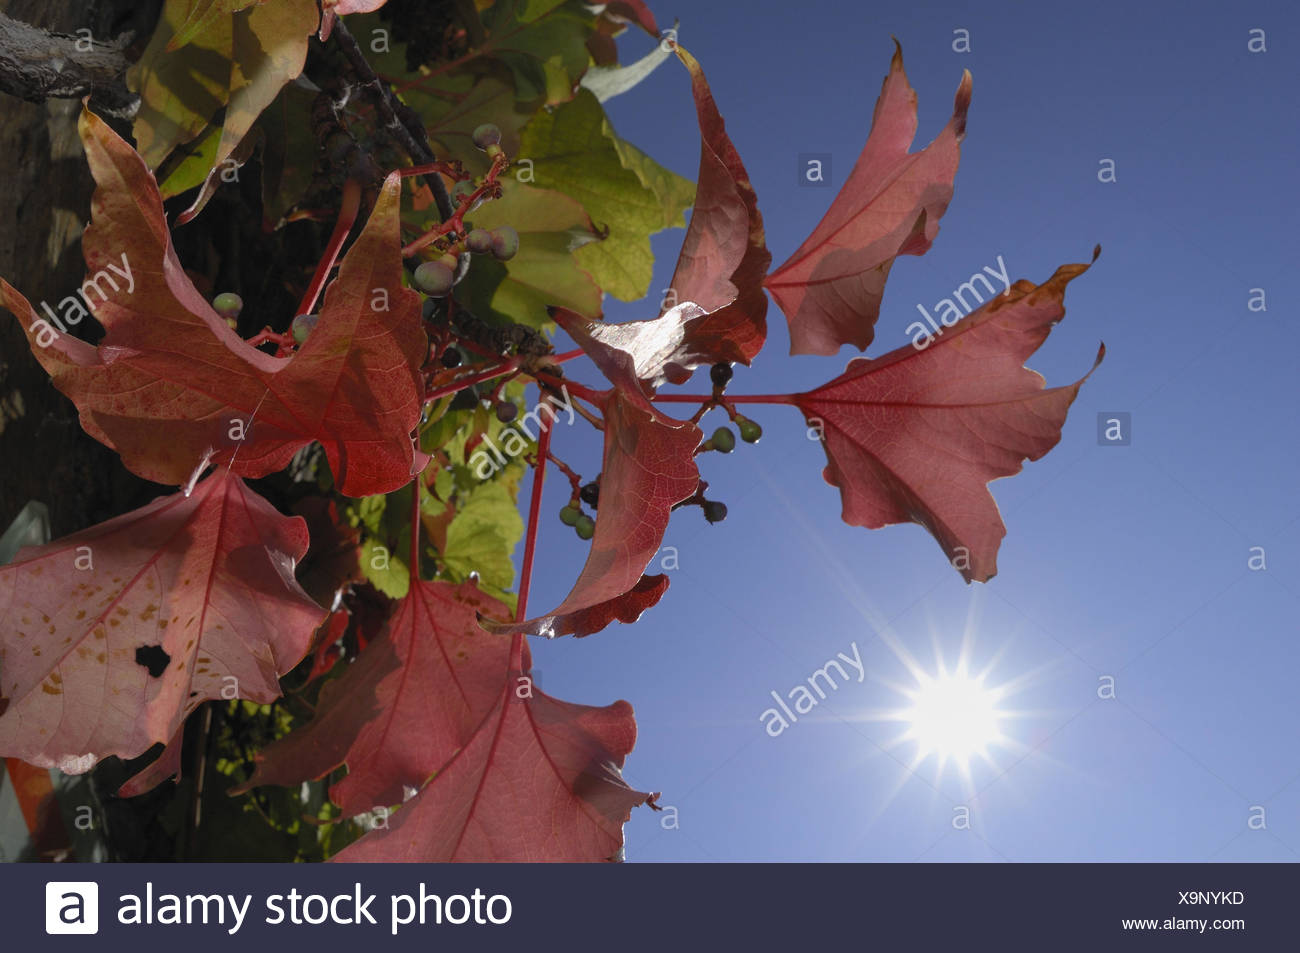 Red Parthenocissus Stockfotos & Red Parthenocissus Bilder - Seite 3 ...